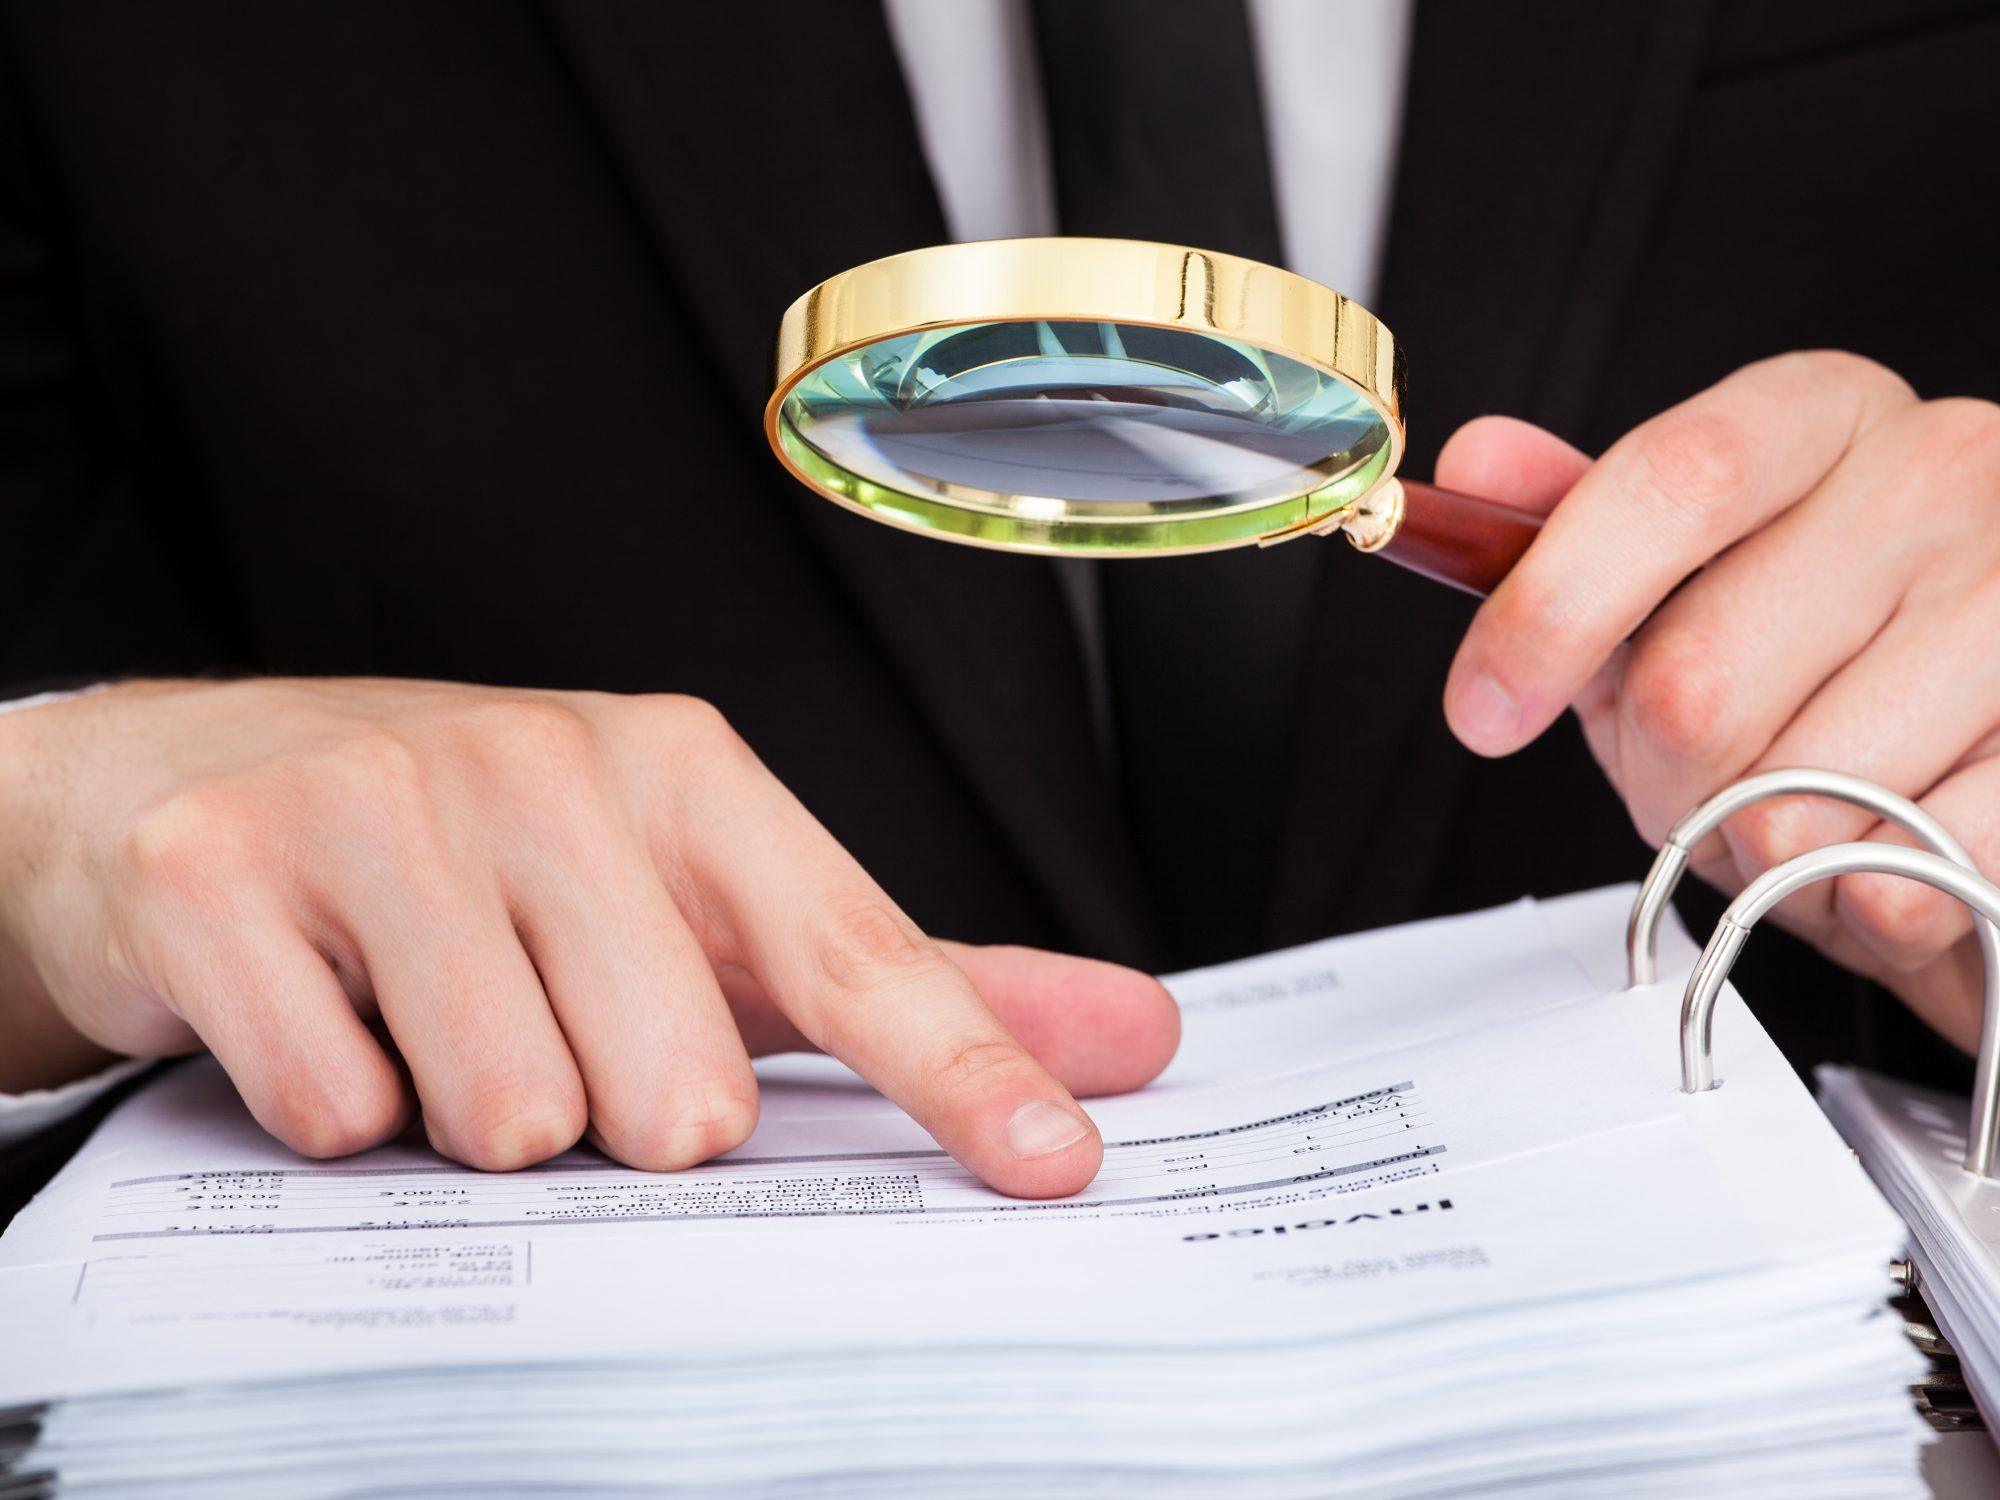 Zorgvuldig onderzoek bij registratie van een verzekerde